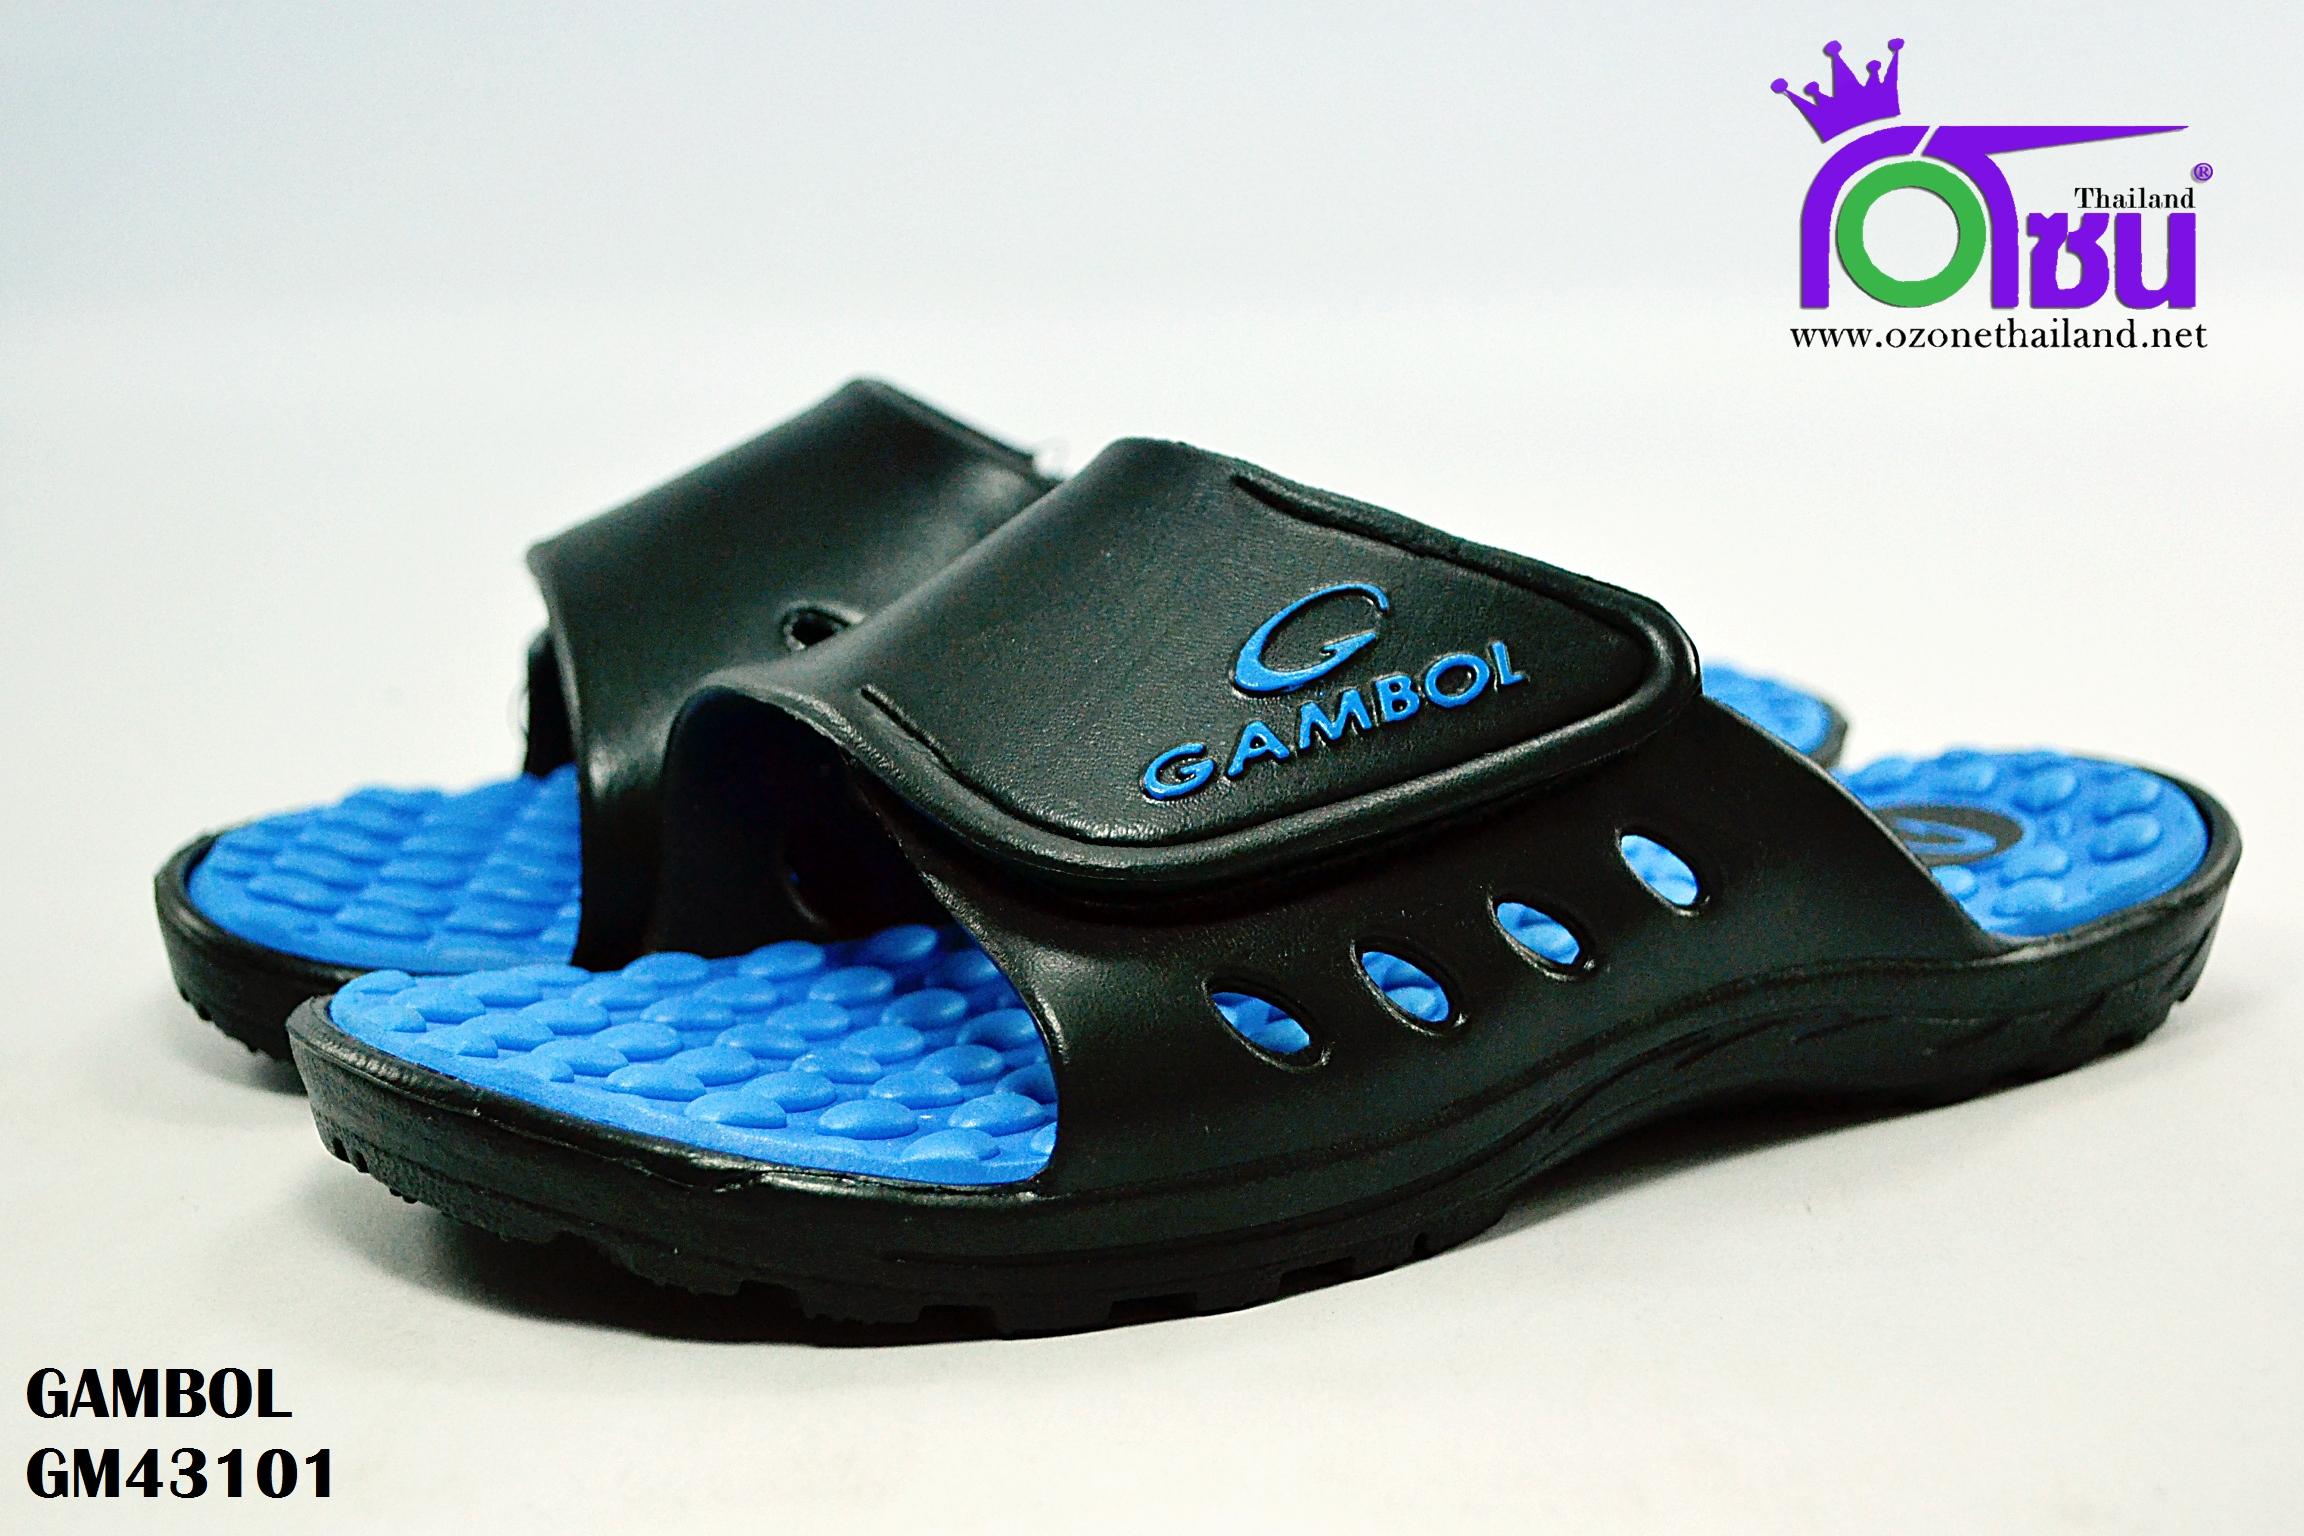 รองเท้าแตะ GAMBOL แกมโบล รุ่น GM 43101 สีน้ำเงิน เบอร์ 4-9